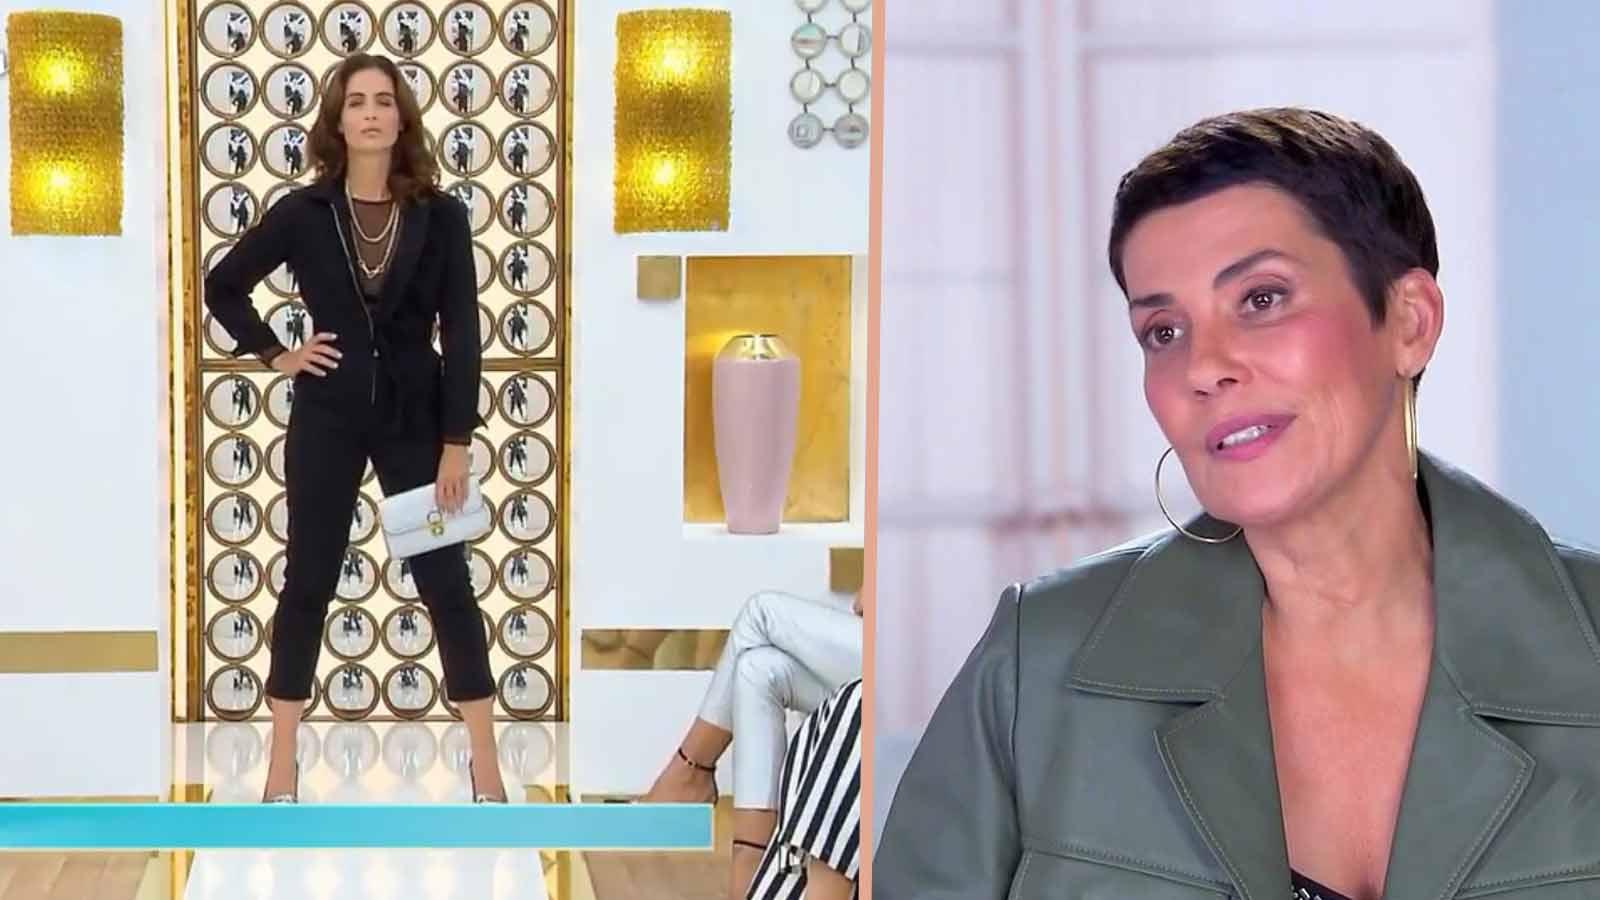 Les Reines du shopping : Cristina Cordula totalement ébahie par cette candidate qui a osé se déshabiller en plein défilé !